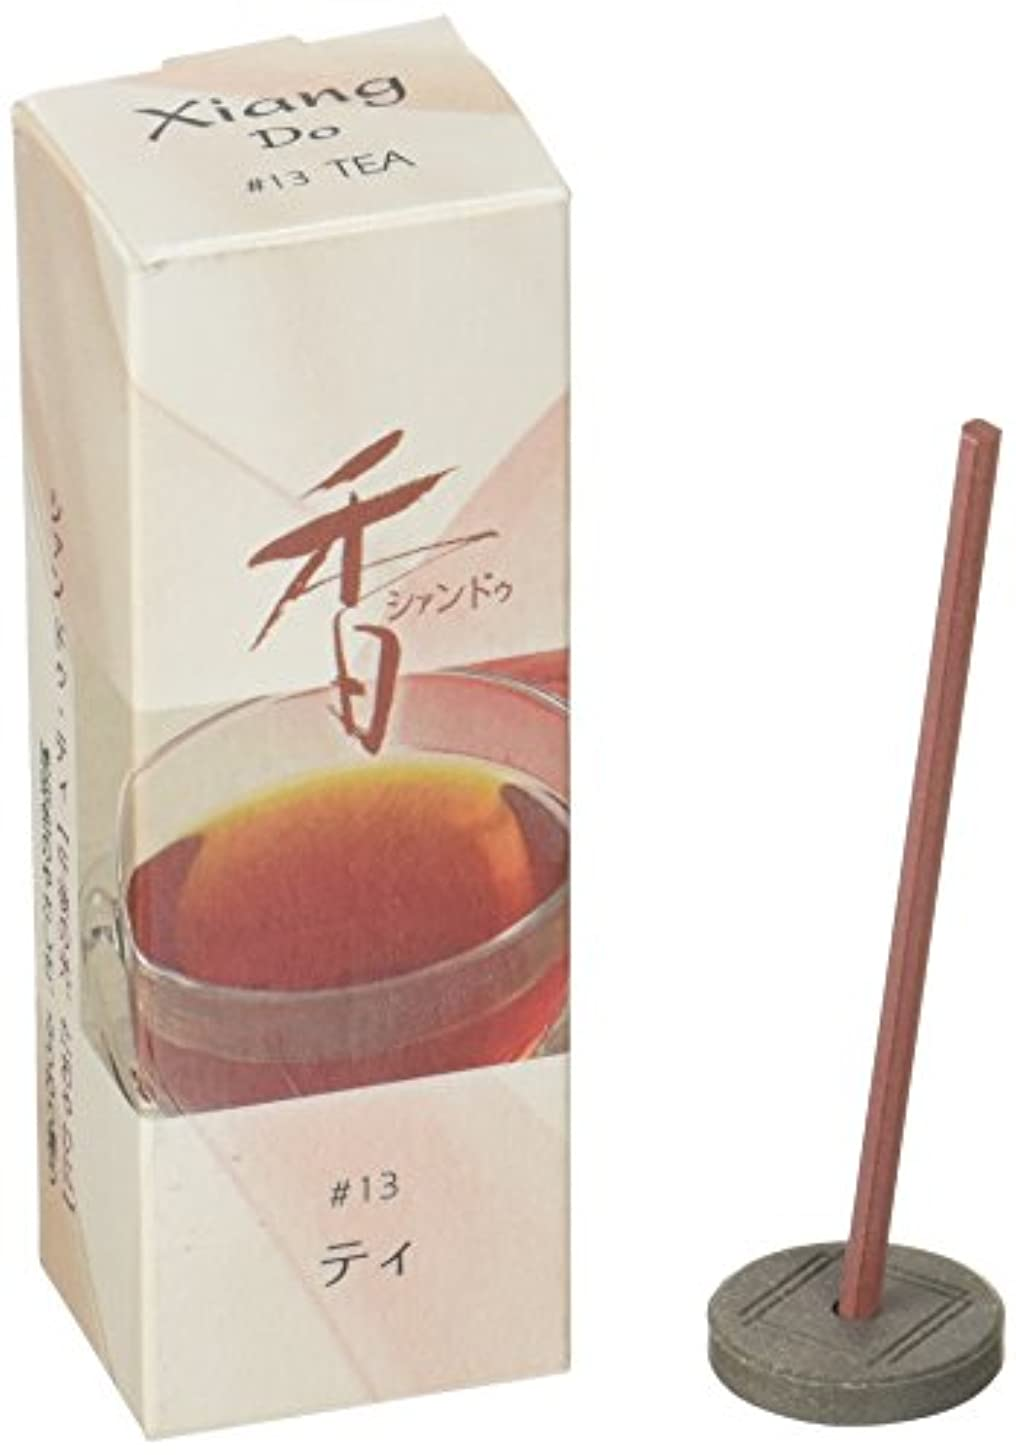 描写ボウリング開梱松栄堂のお香 Xiang Do ティ ST20本入 簡易香立付 #214213